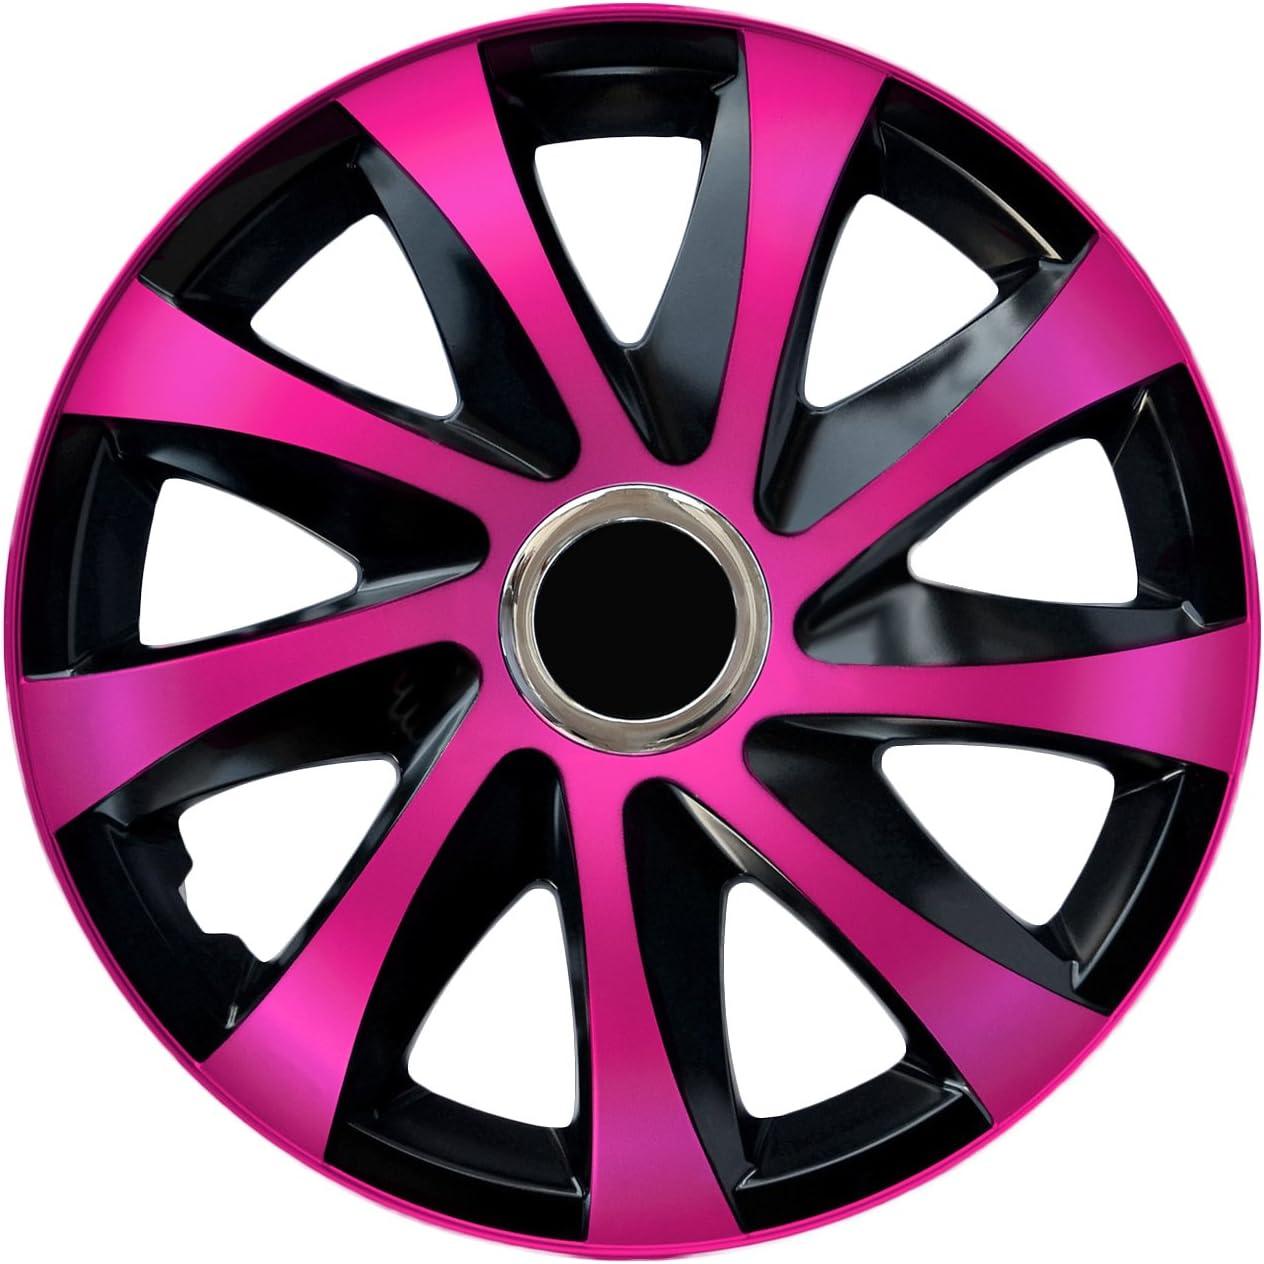 Centurion Radzierblende Drift Extra Pink Schwarz 14 Zoll 4er Set Auto